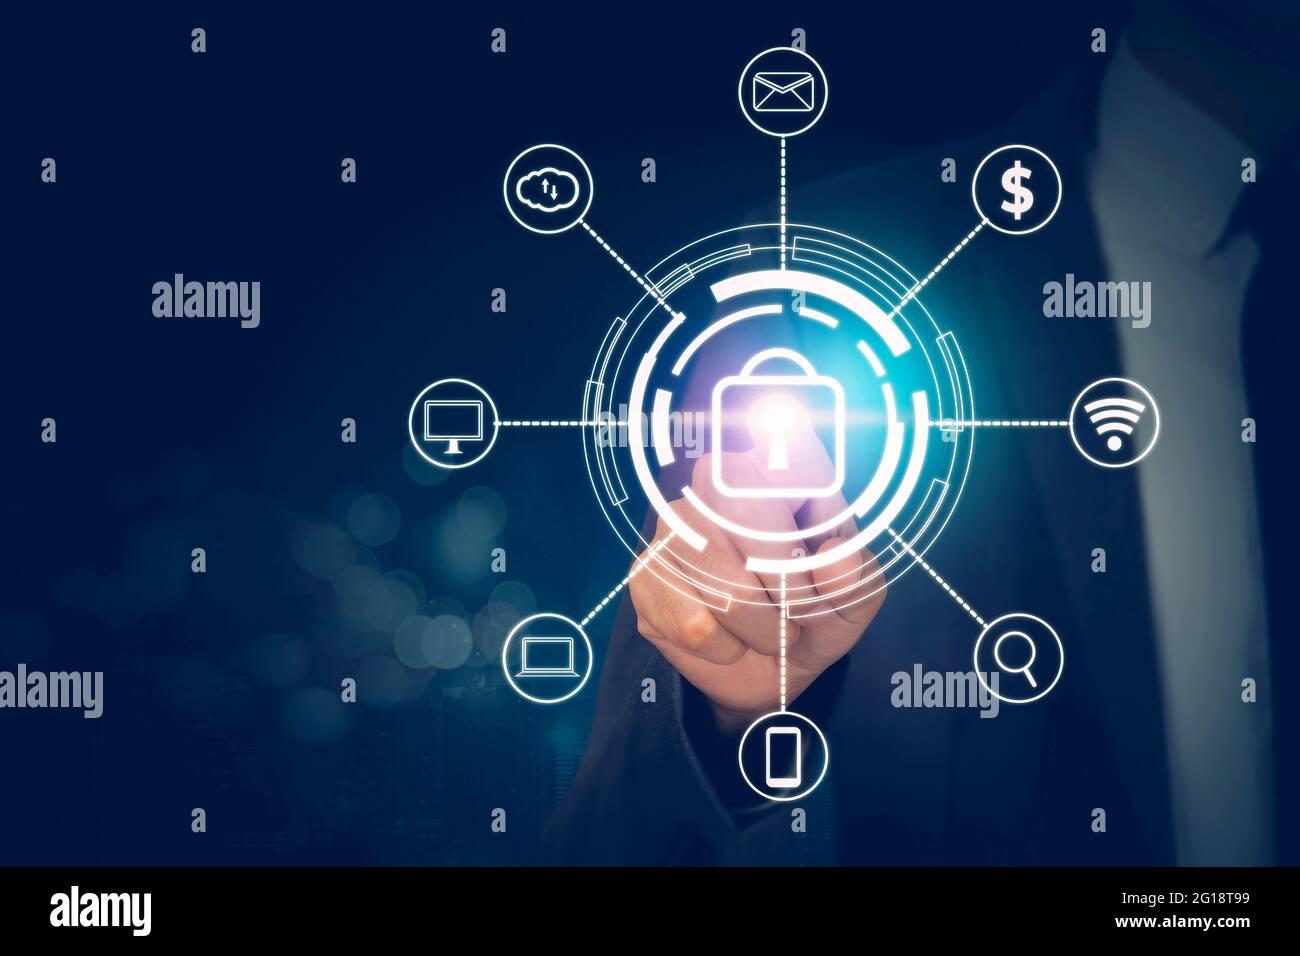 Main d'homme d'affaires poussant l'icône de verrouillage de signe tout en cyber sécurité avec accès avec le doigt, les données et la confidentialité avec la protection numérique virtuel, innovation Banque D'Images